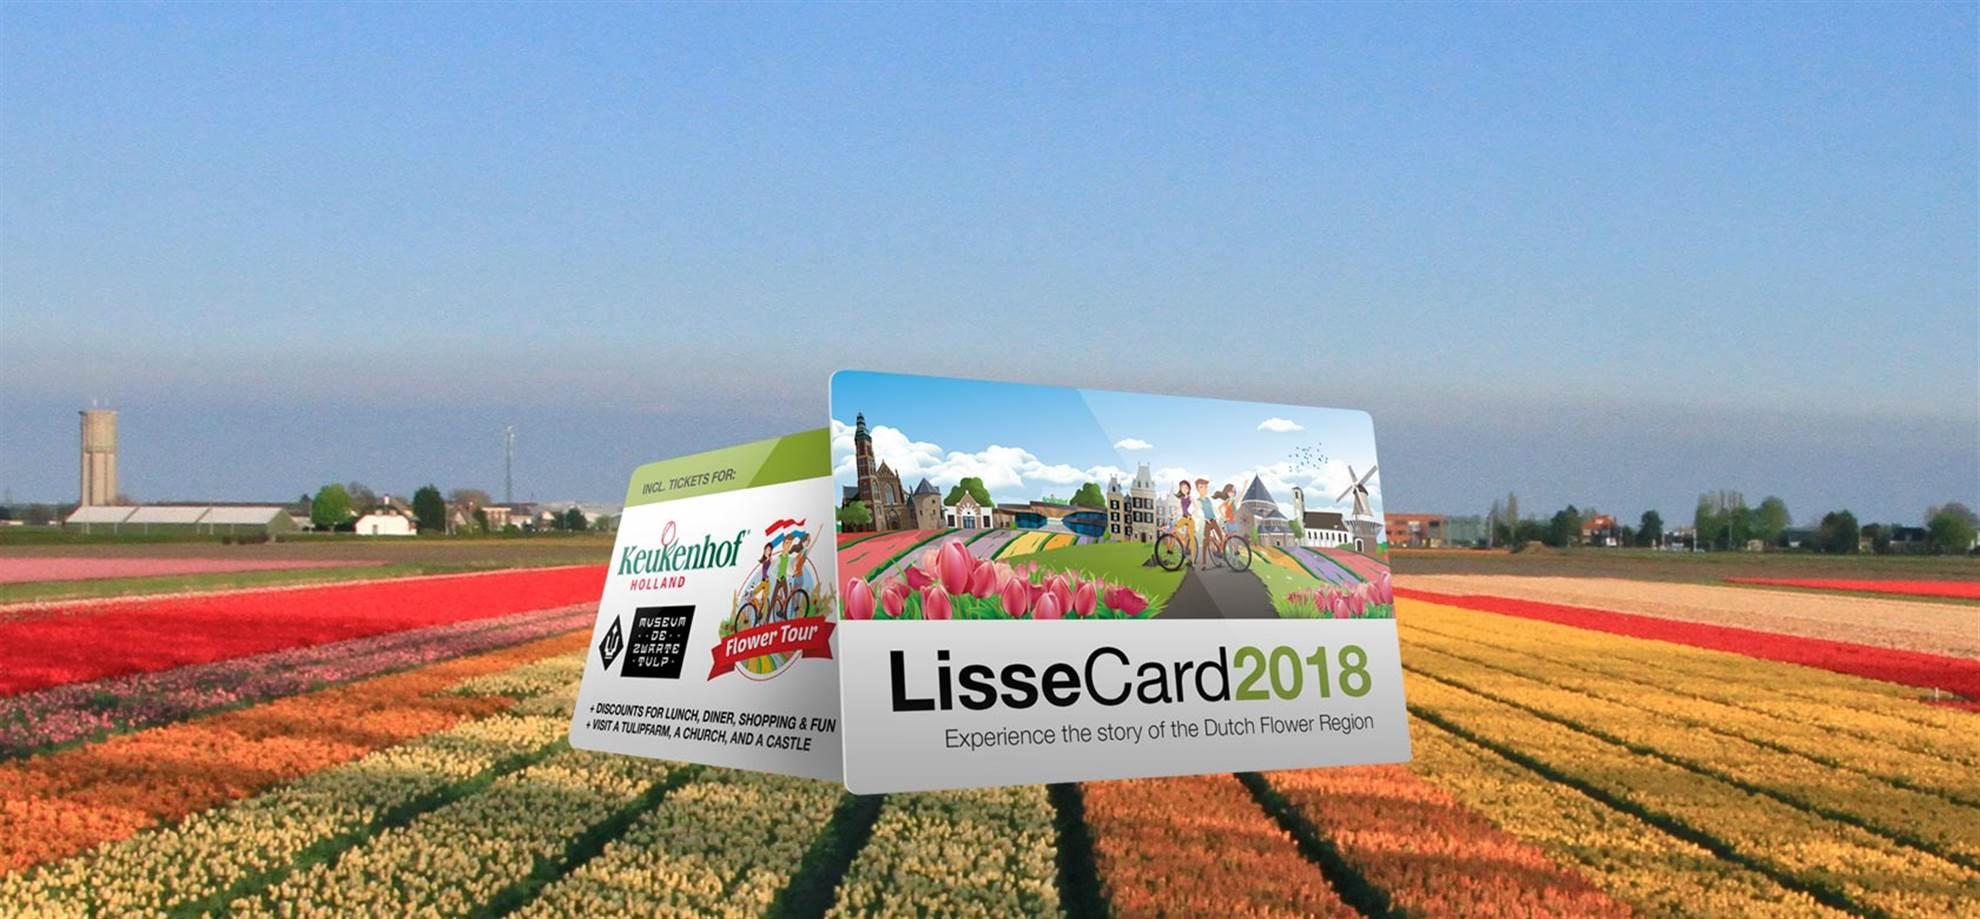 LisseCard inklusive Keukenhof